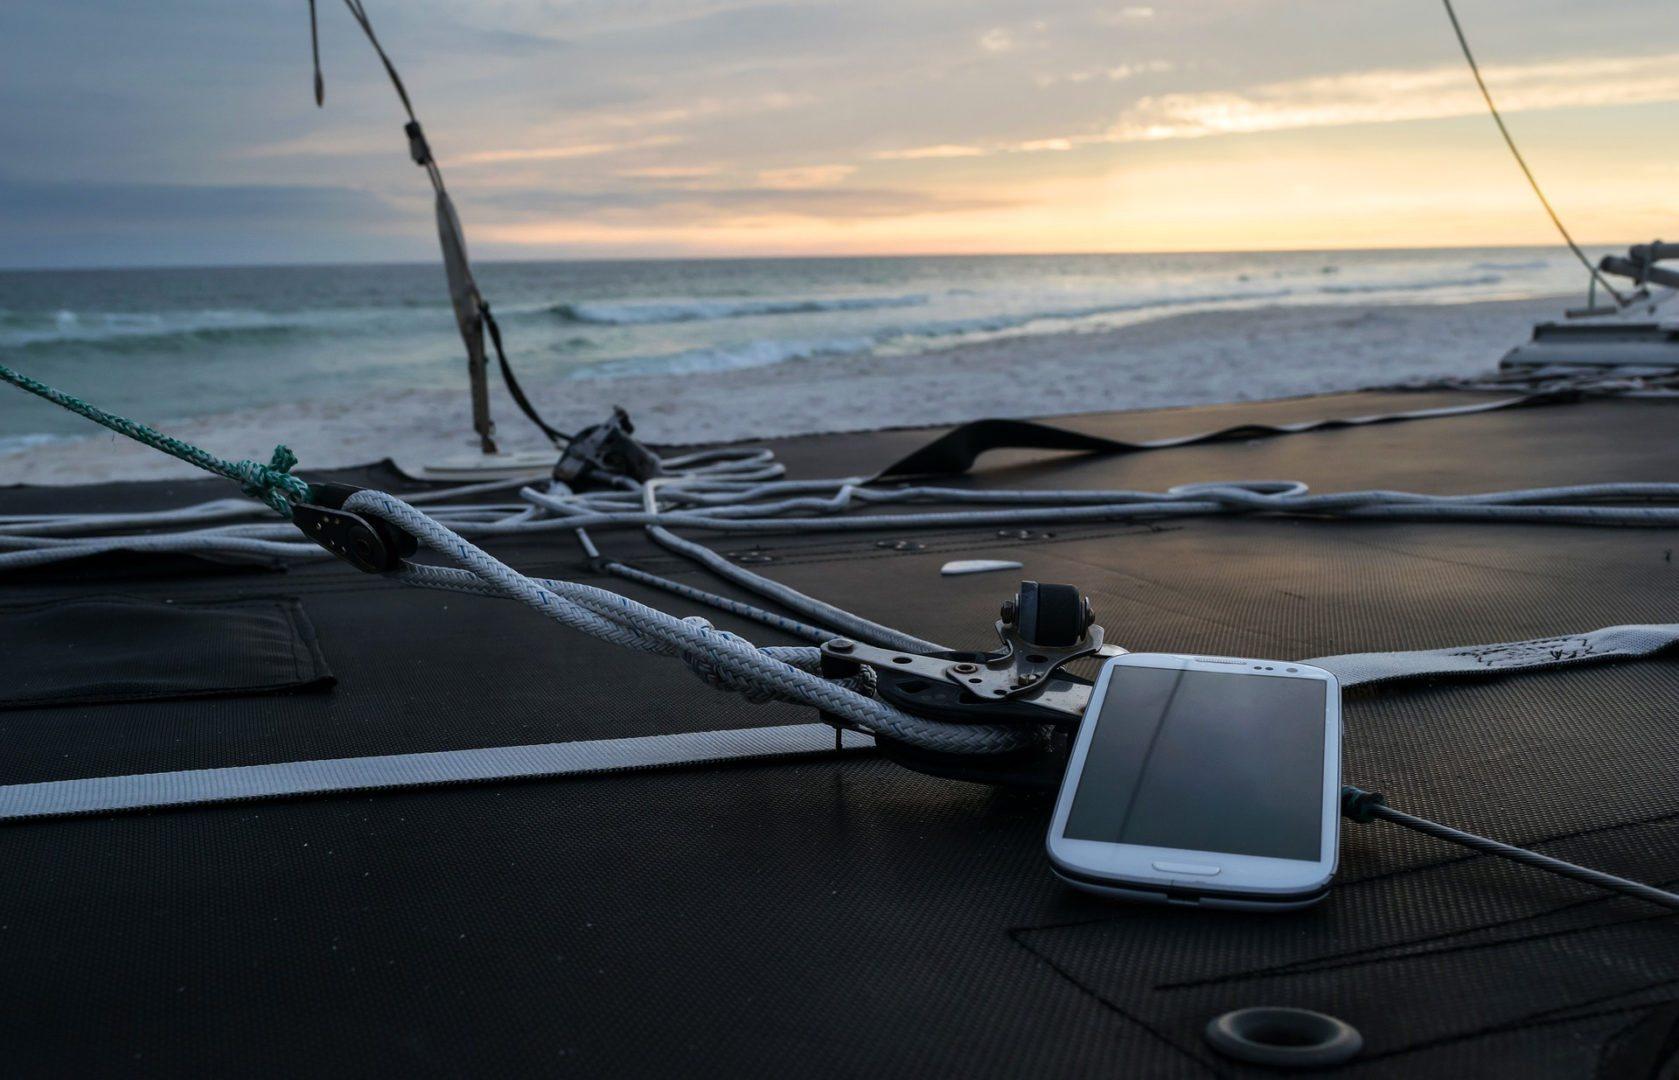 Wifi: Come Navigare Gratis In Riviera Con I Piedi Sulla Sabbia